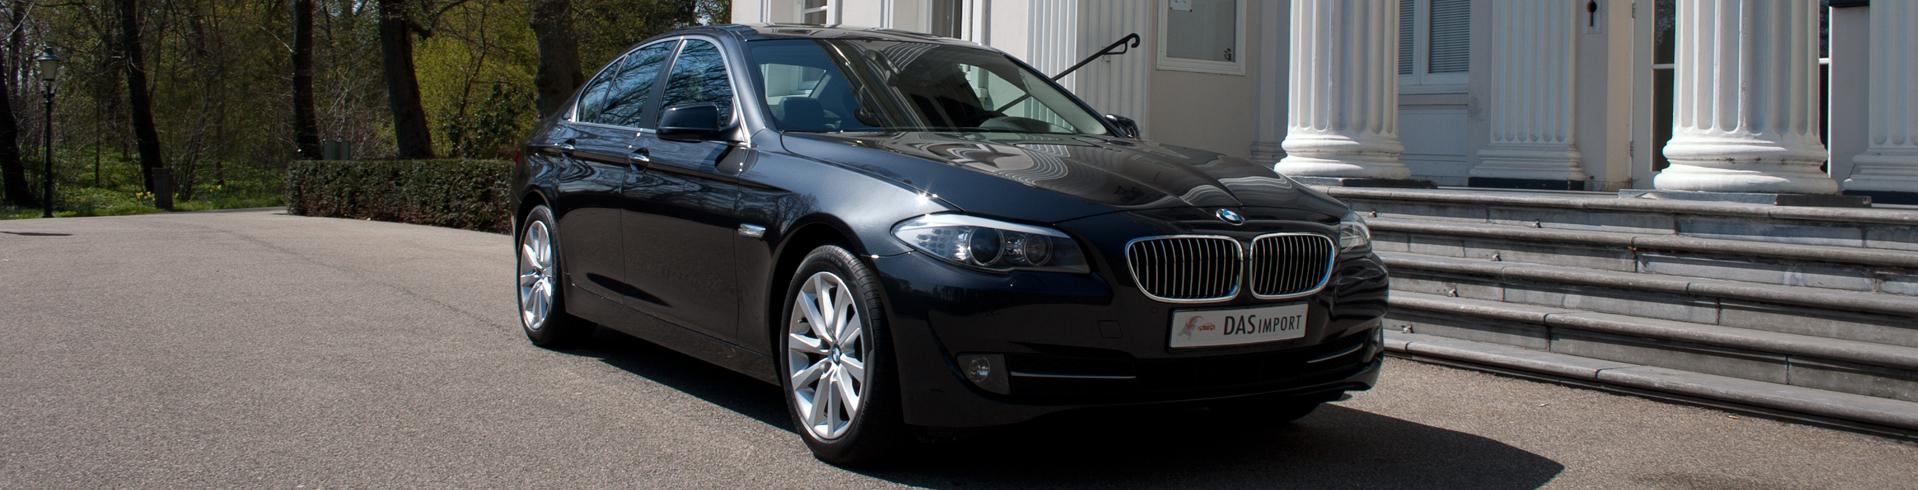 BMW-5-serie-uit-Duitsland